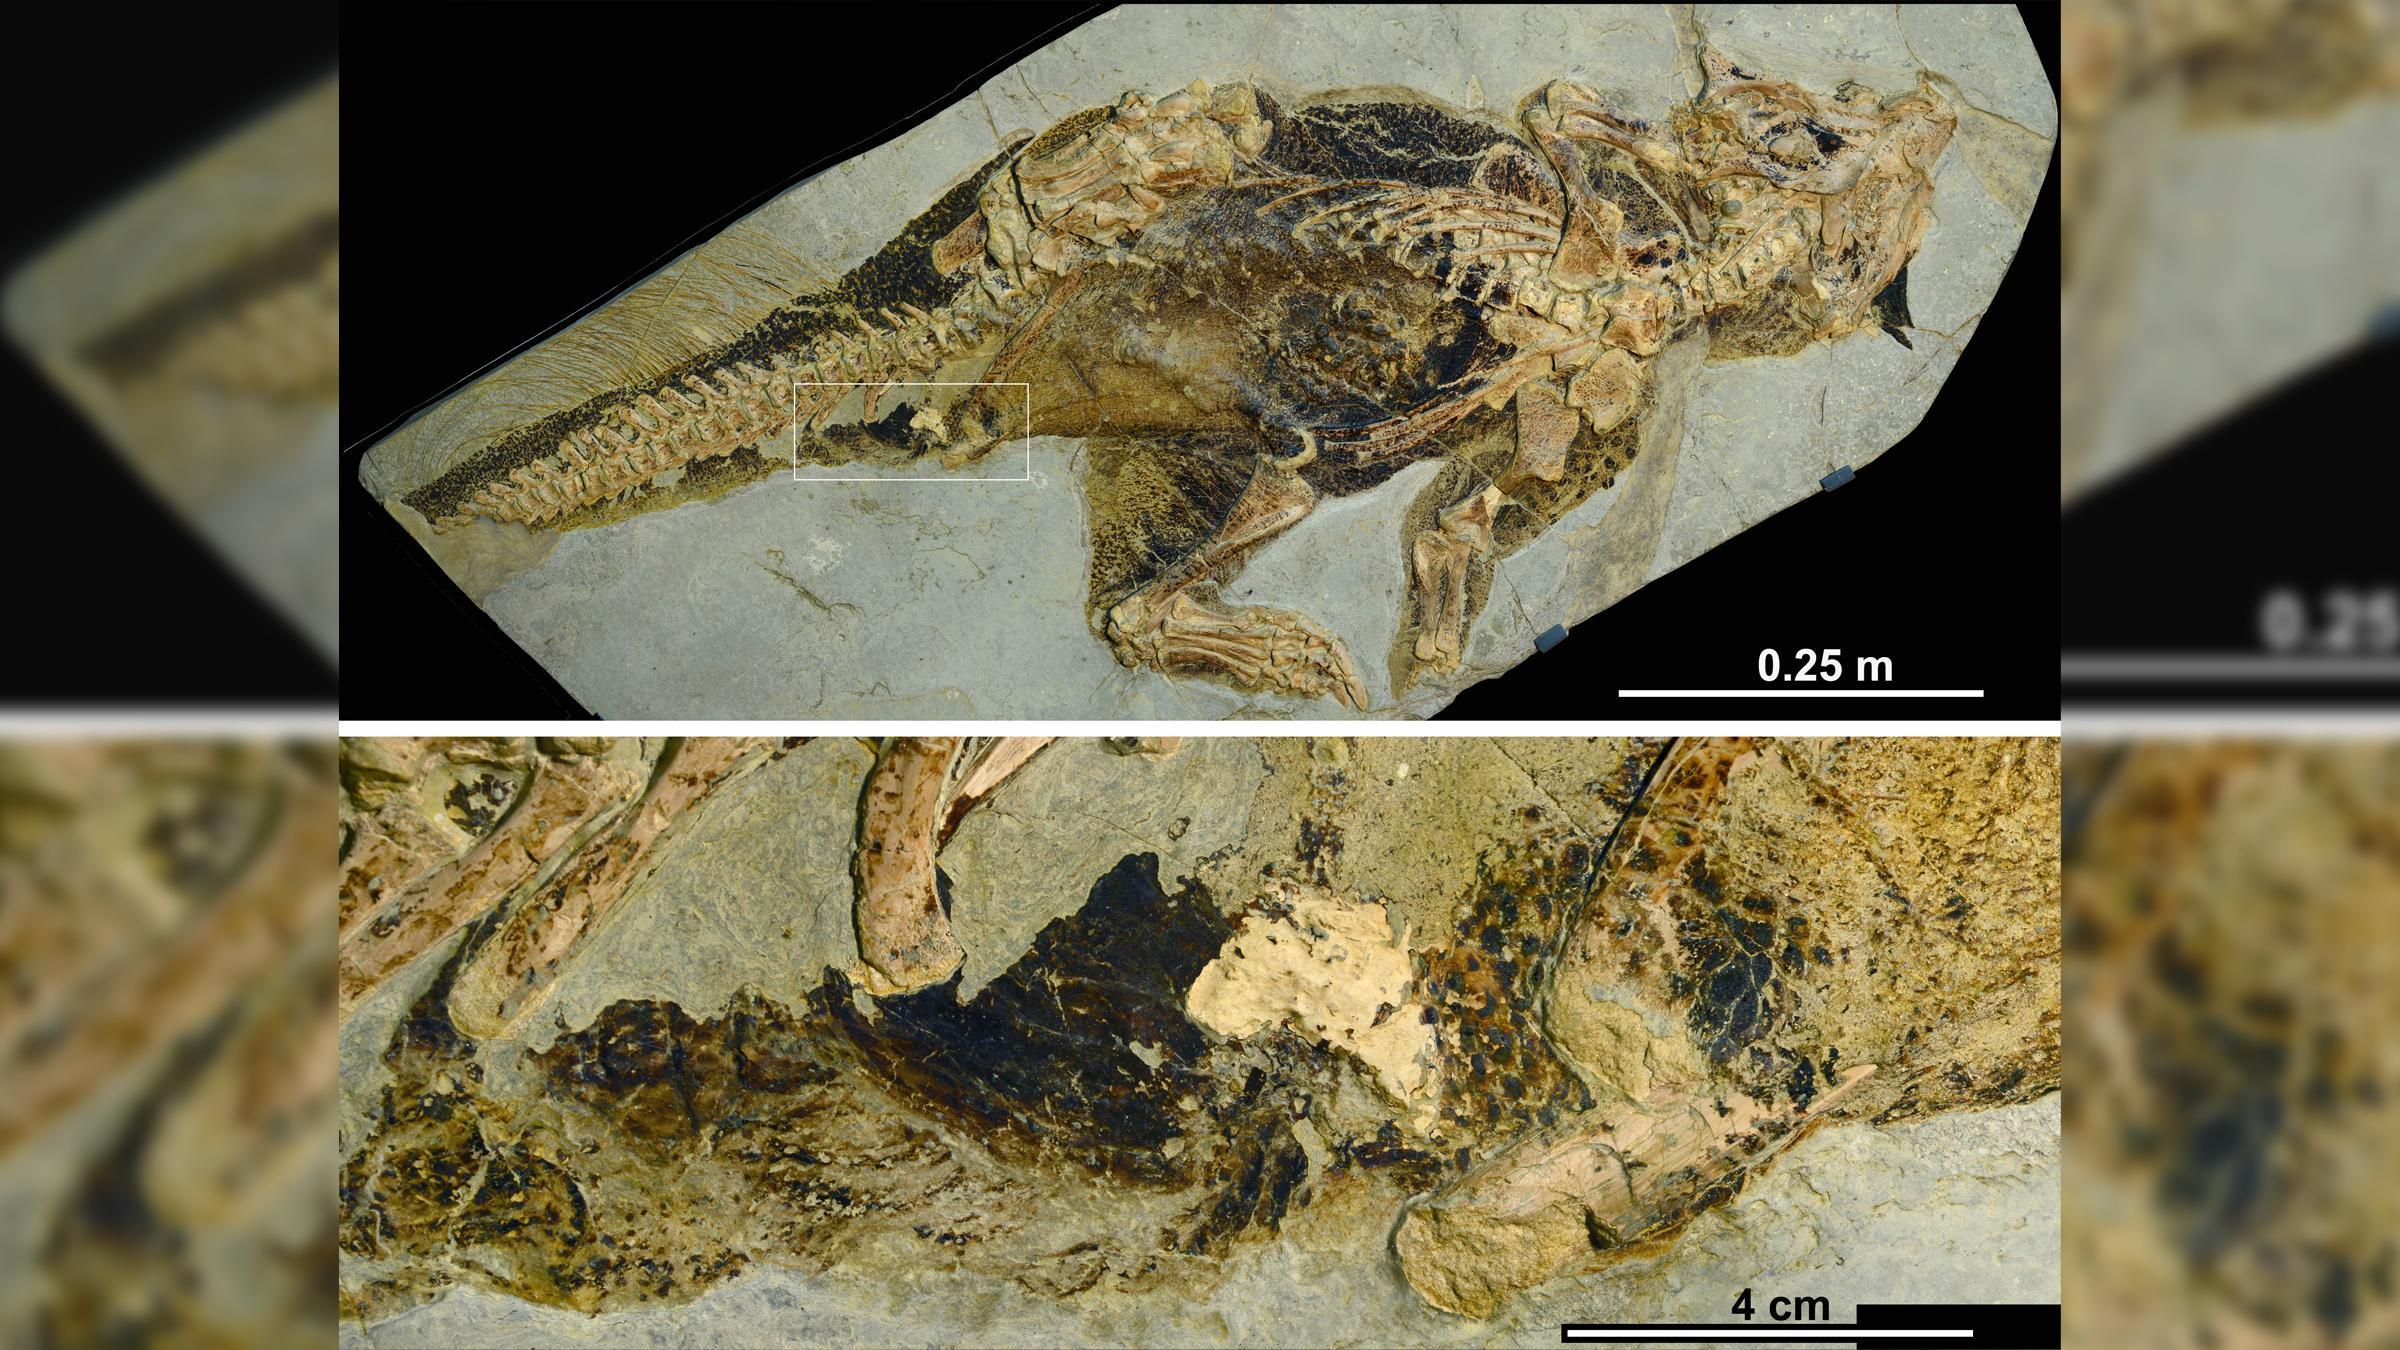 Un fossile de Psittacosaurus (en haut), conservé au Musée d'histoire naturelle de Senckenberg en Allemagne, a préservé la peau, la pigmentation et le premier et seul évent cloacal connu (en bas).